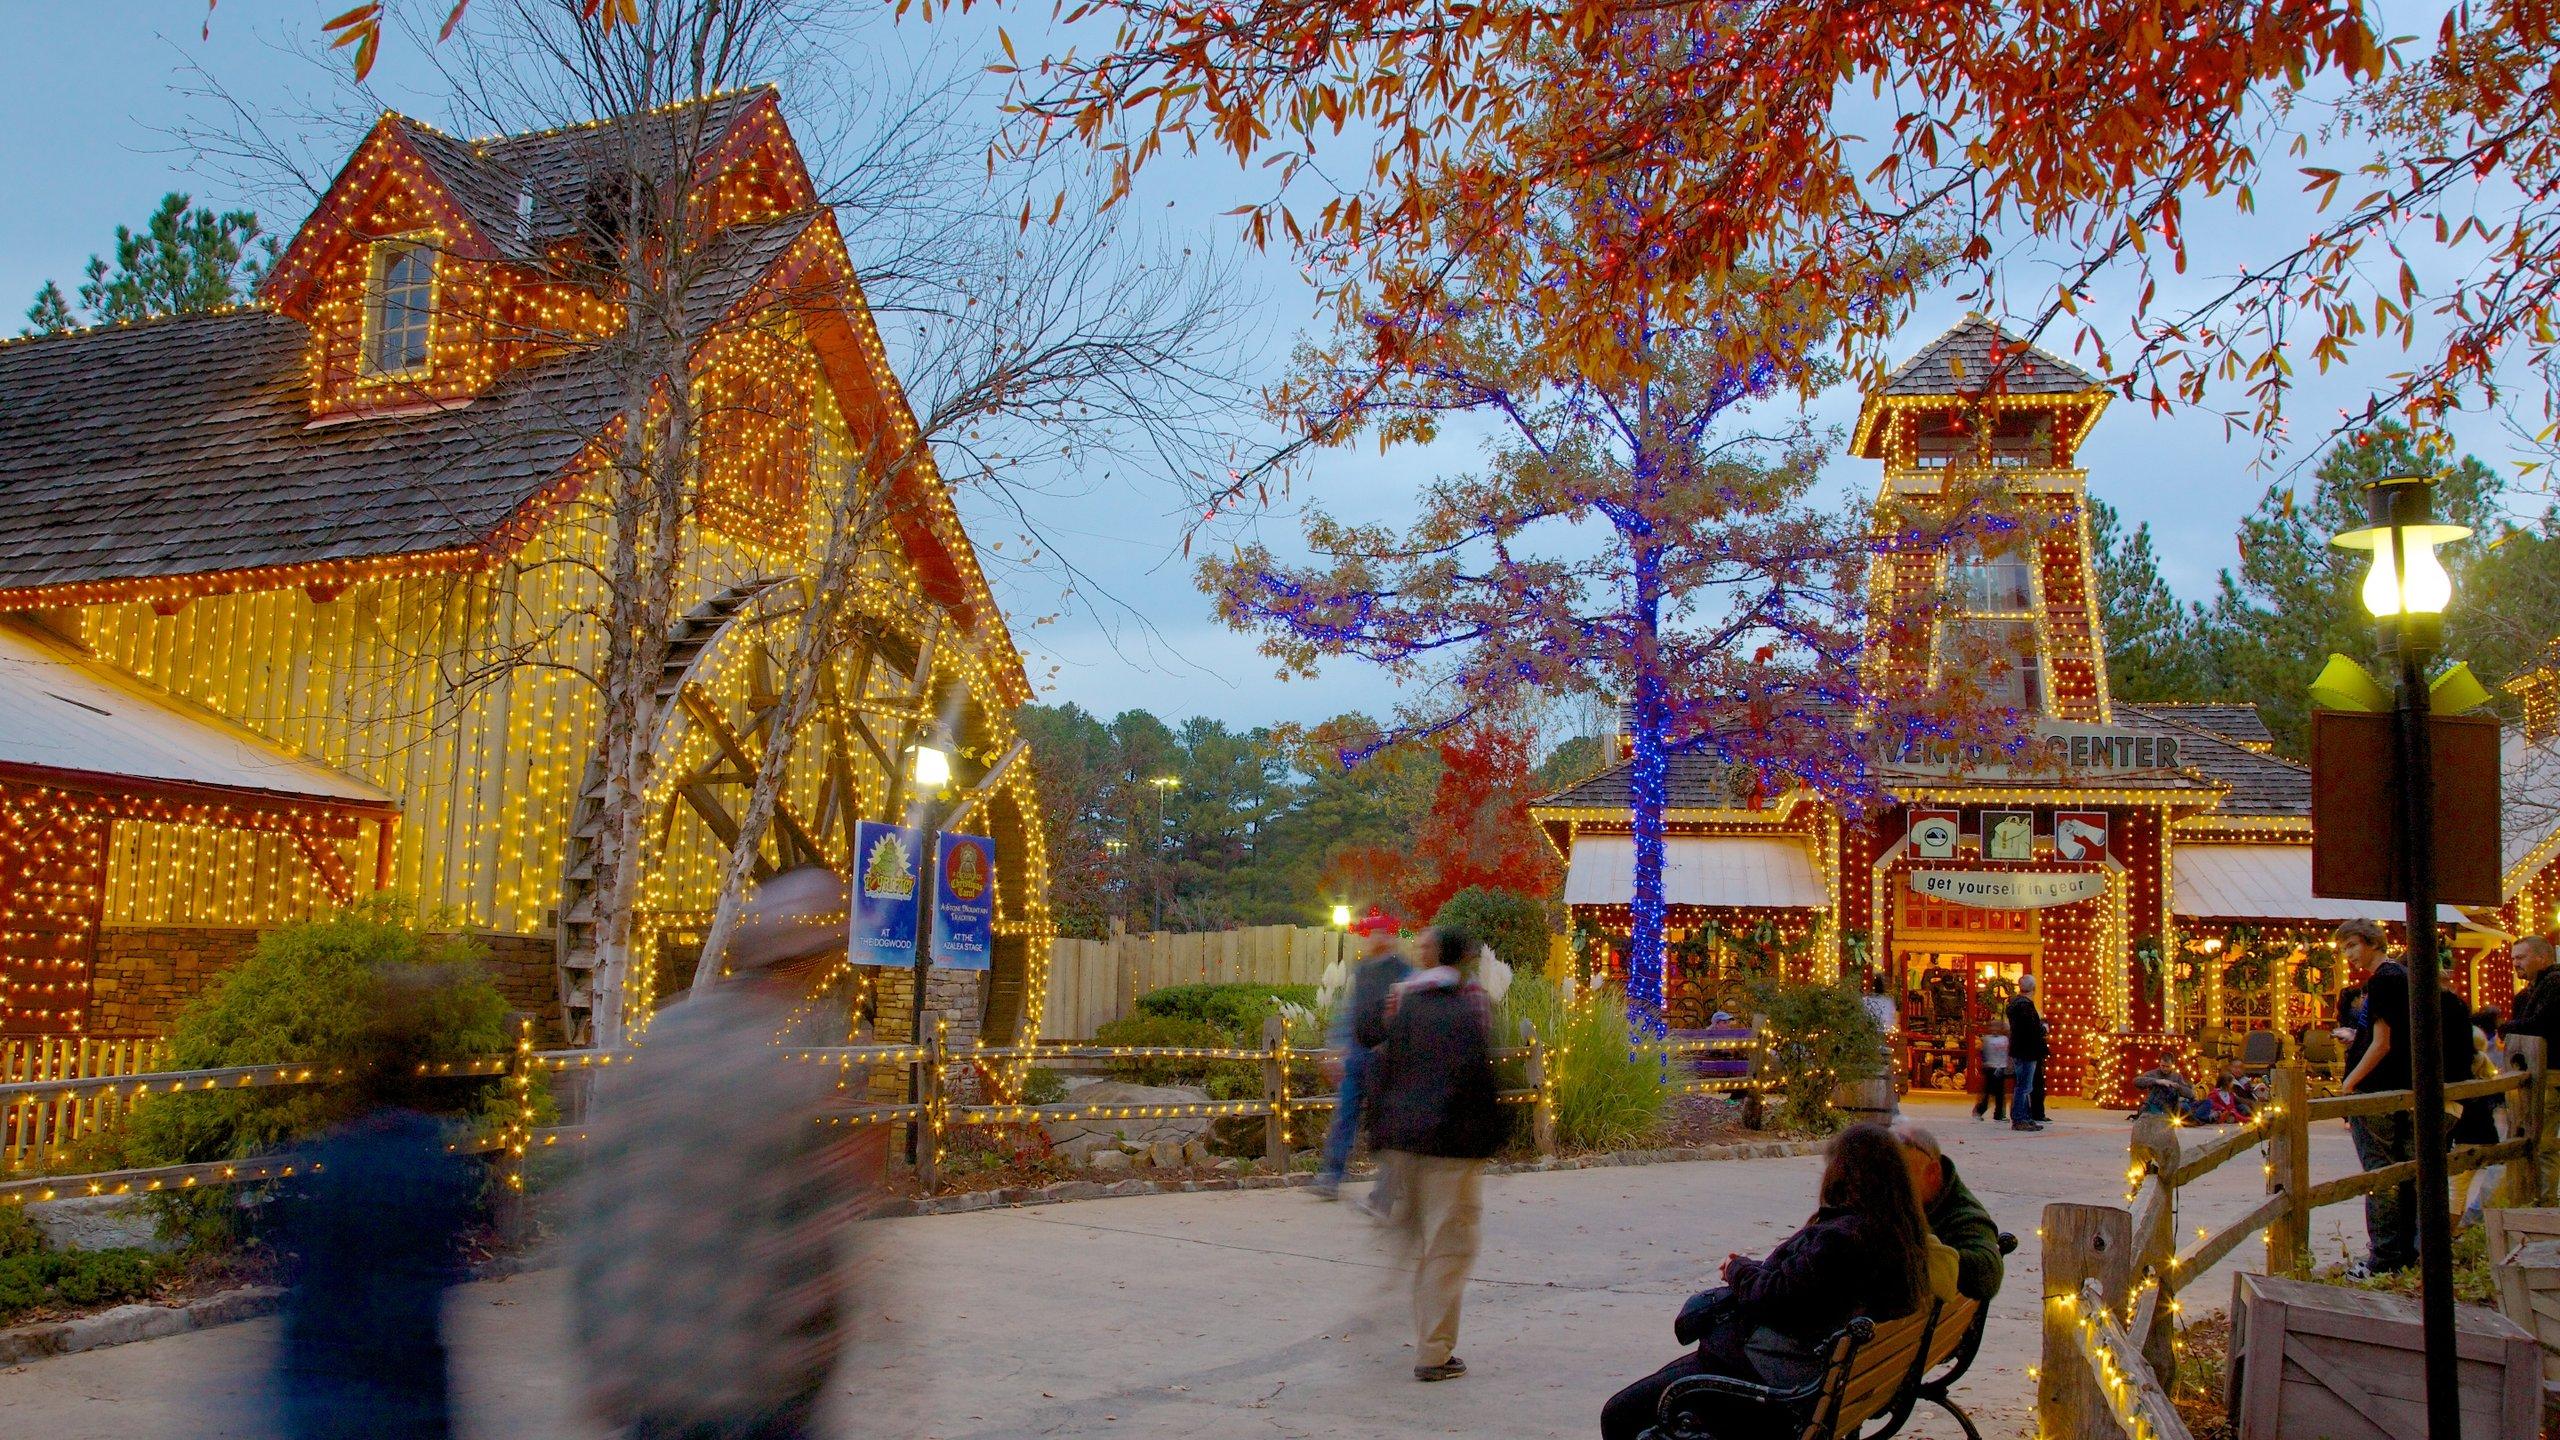 带着家人一起去石山公园,并在斯通山脉的这个游乐园度过精彩的一天。 在当地,感受超赞的现场音乐场所和山景。